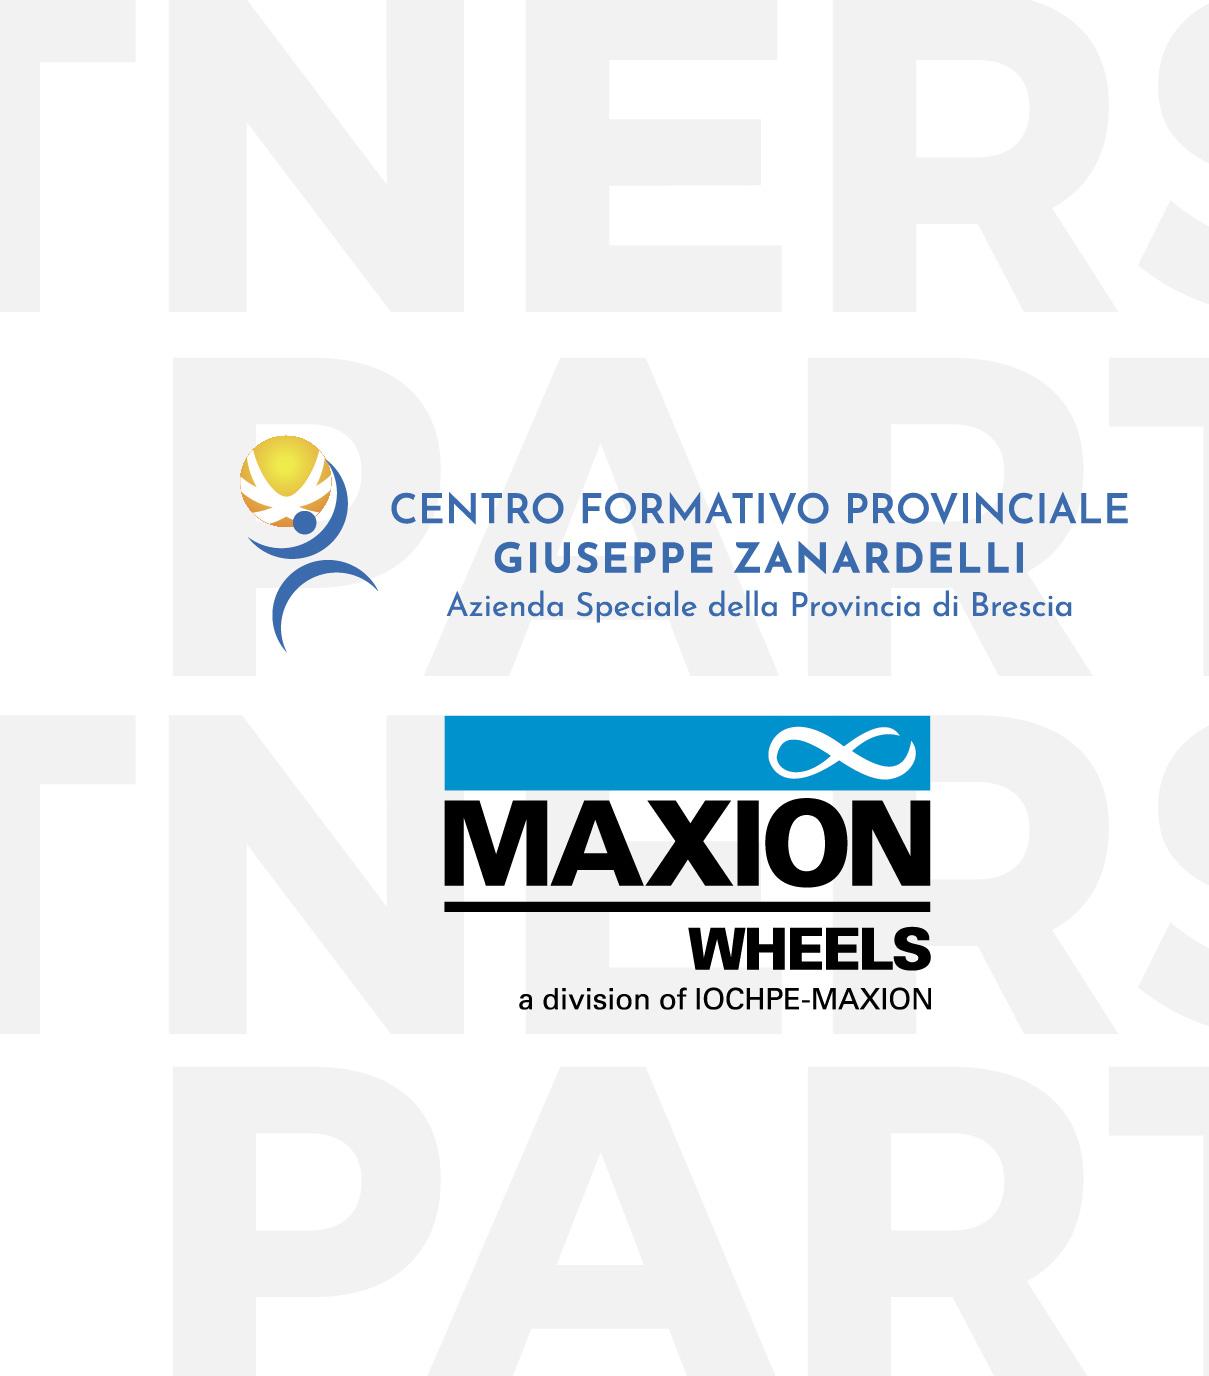 Maxion Wheels e CFP